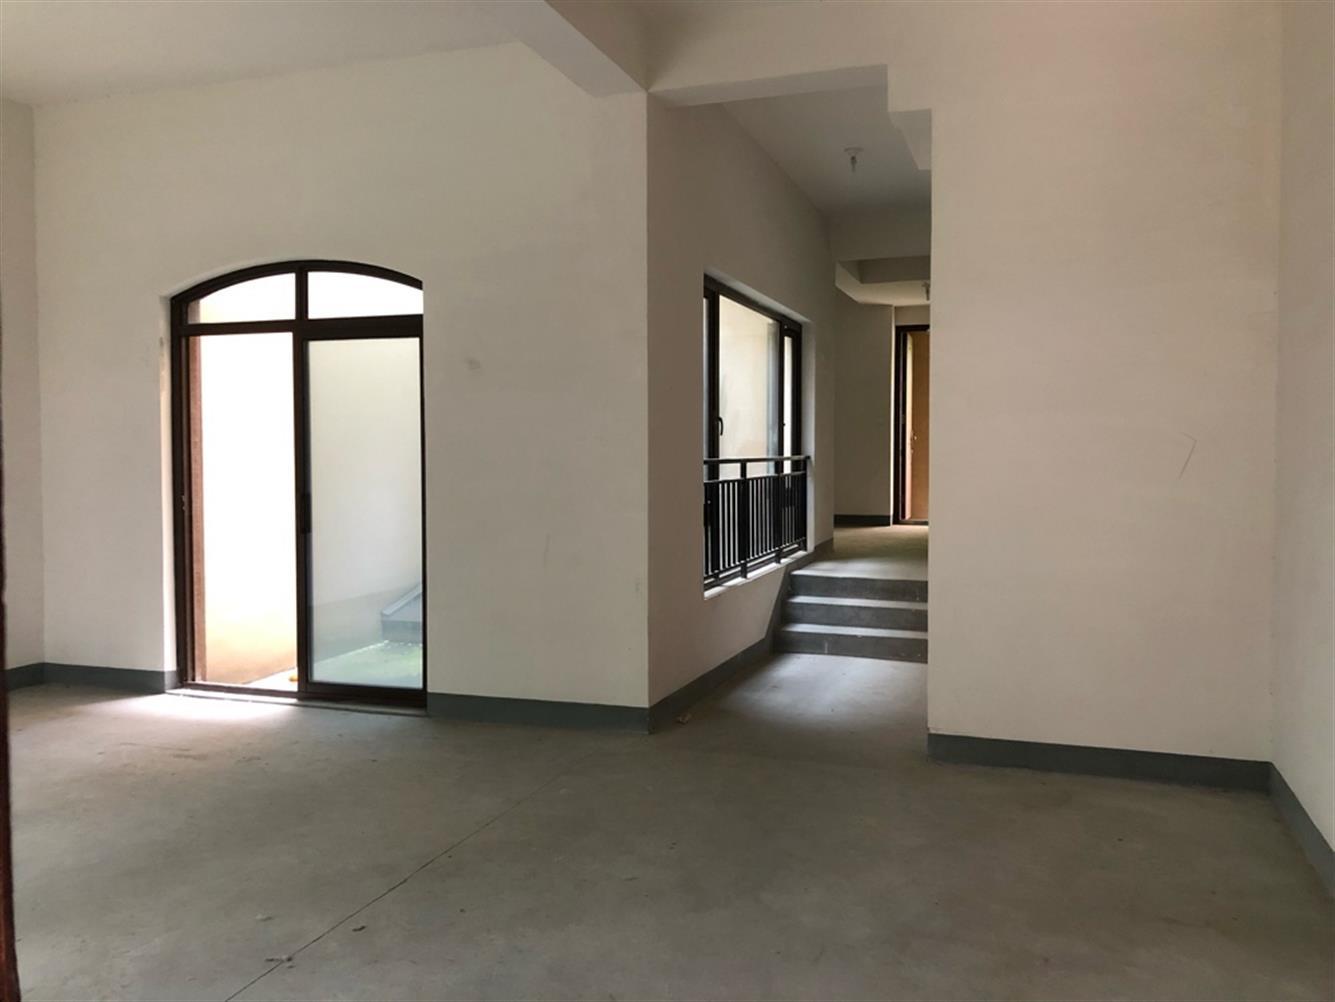 钱江世纪城现房排屋别墅有天有地使用面积500一费